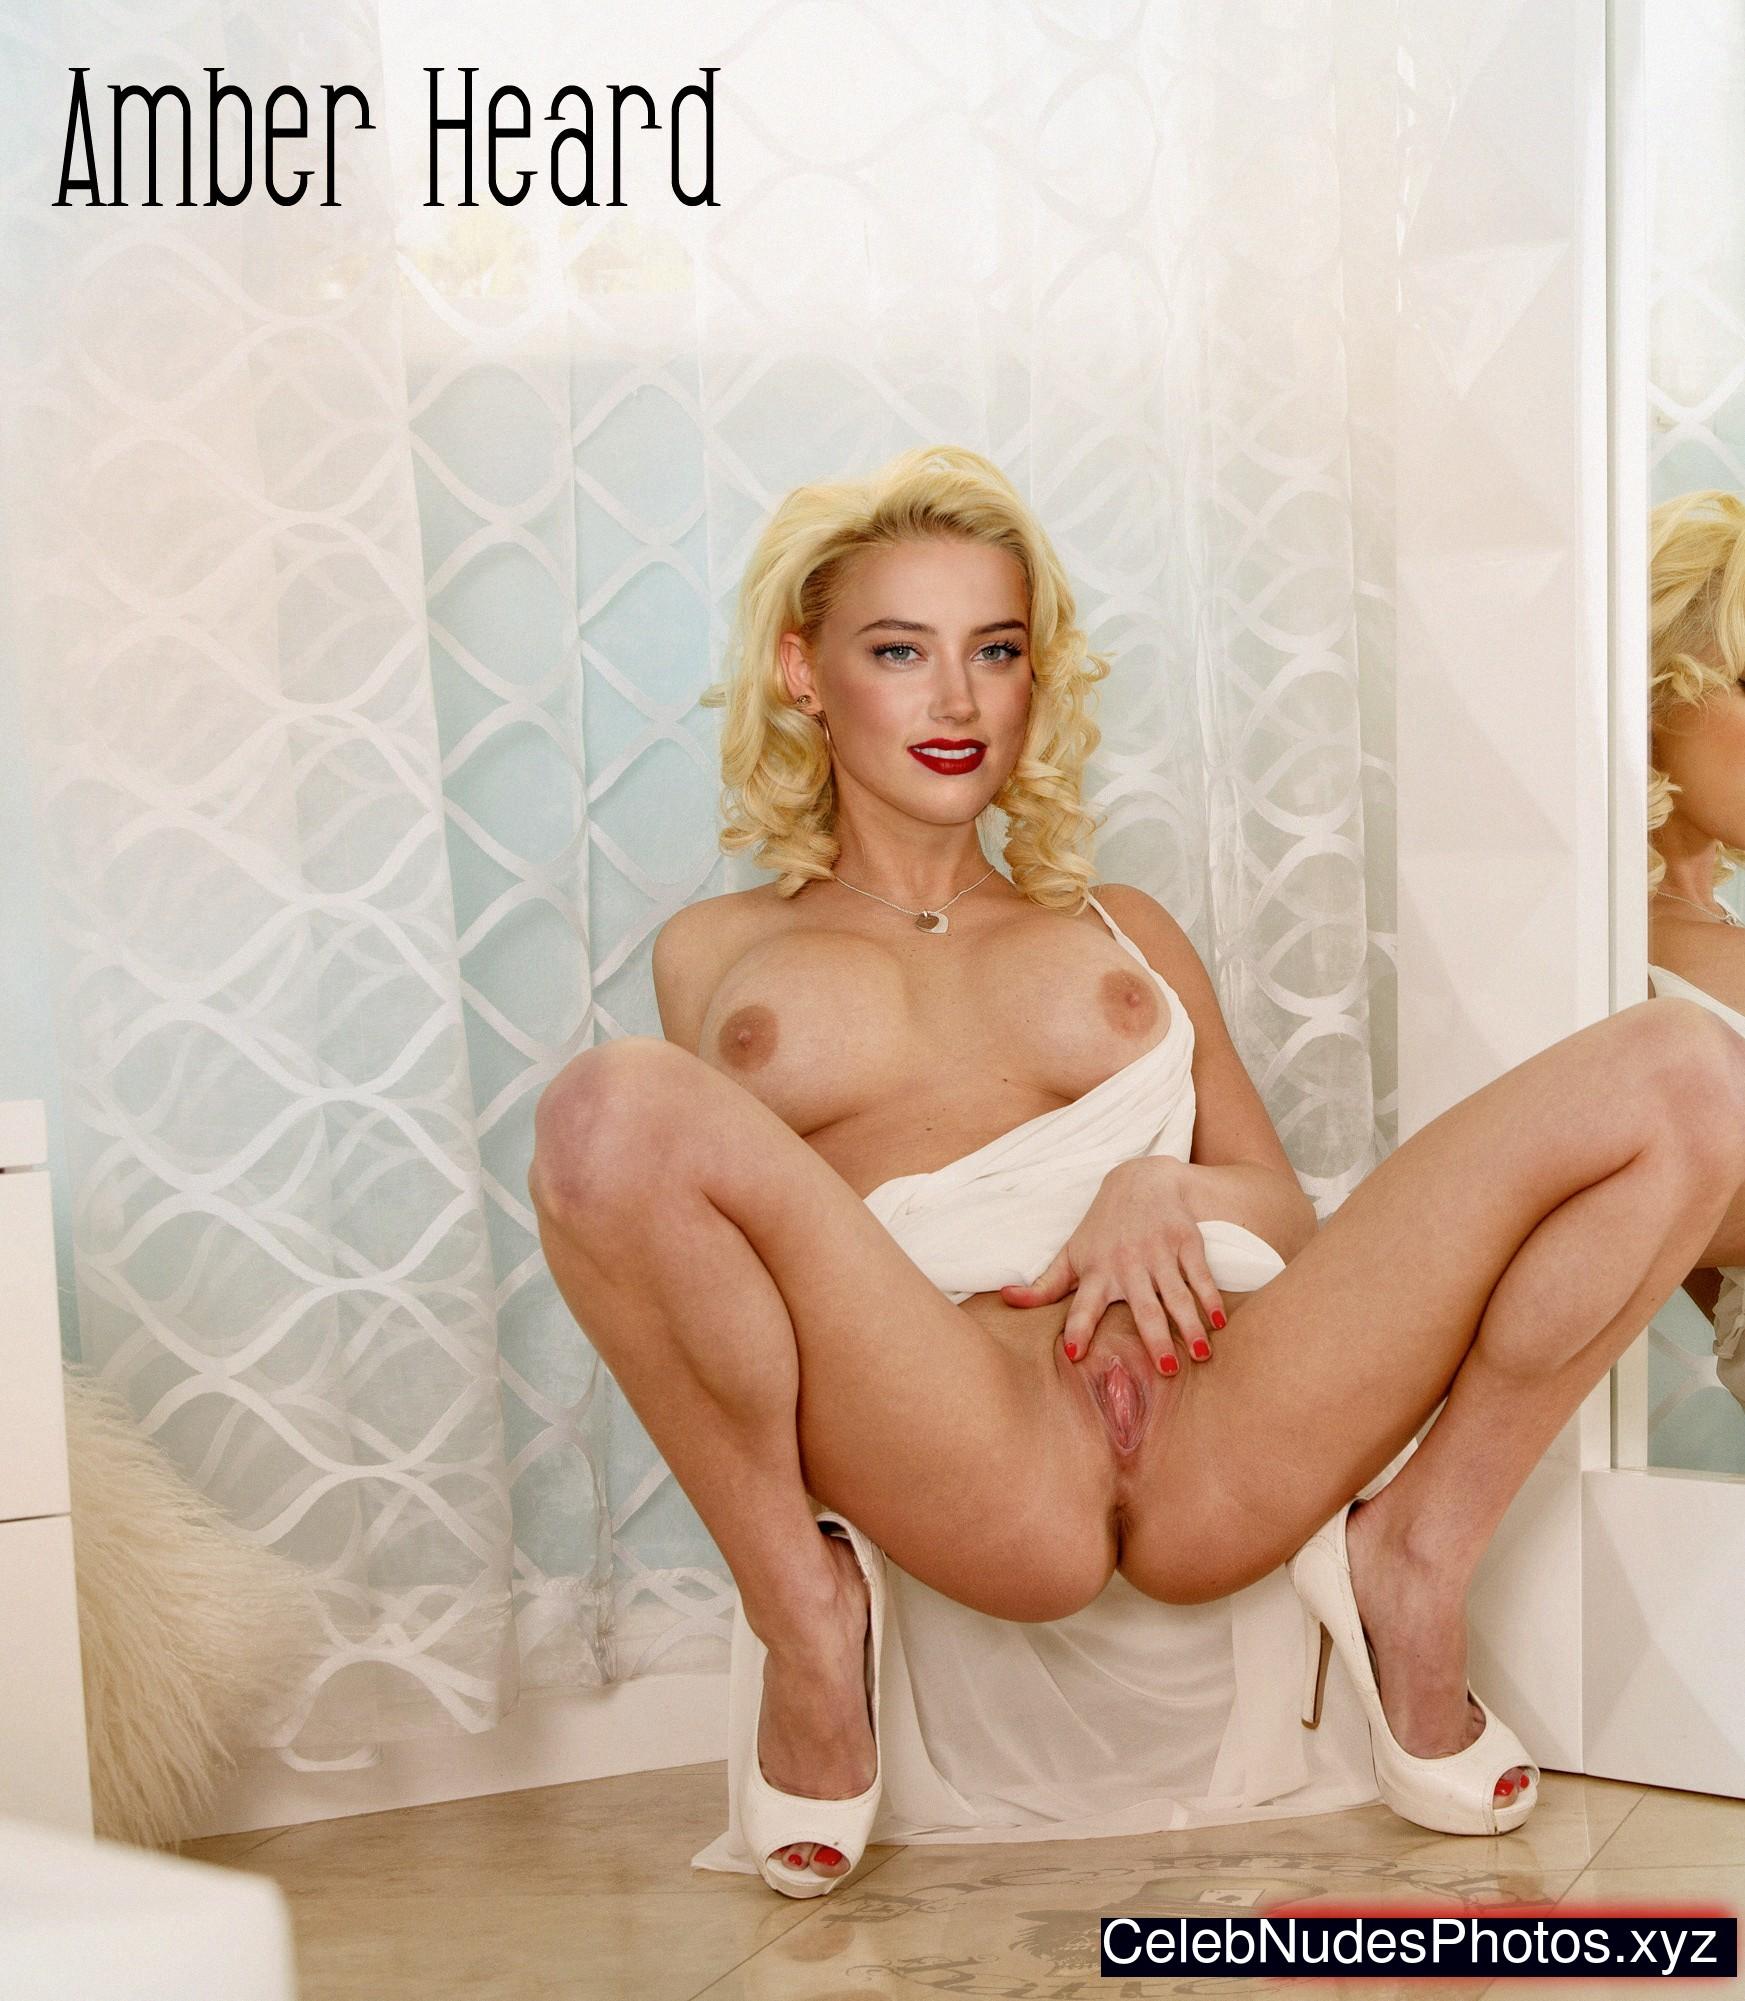 Amber Heard Hot Naked Celeb sexy 18